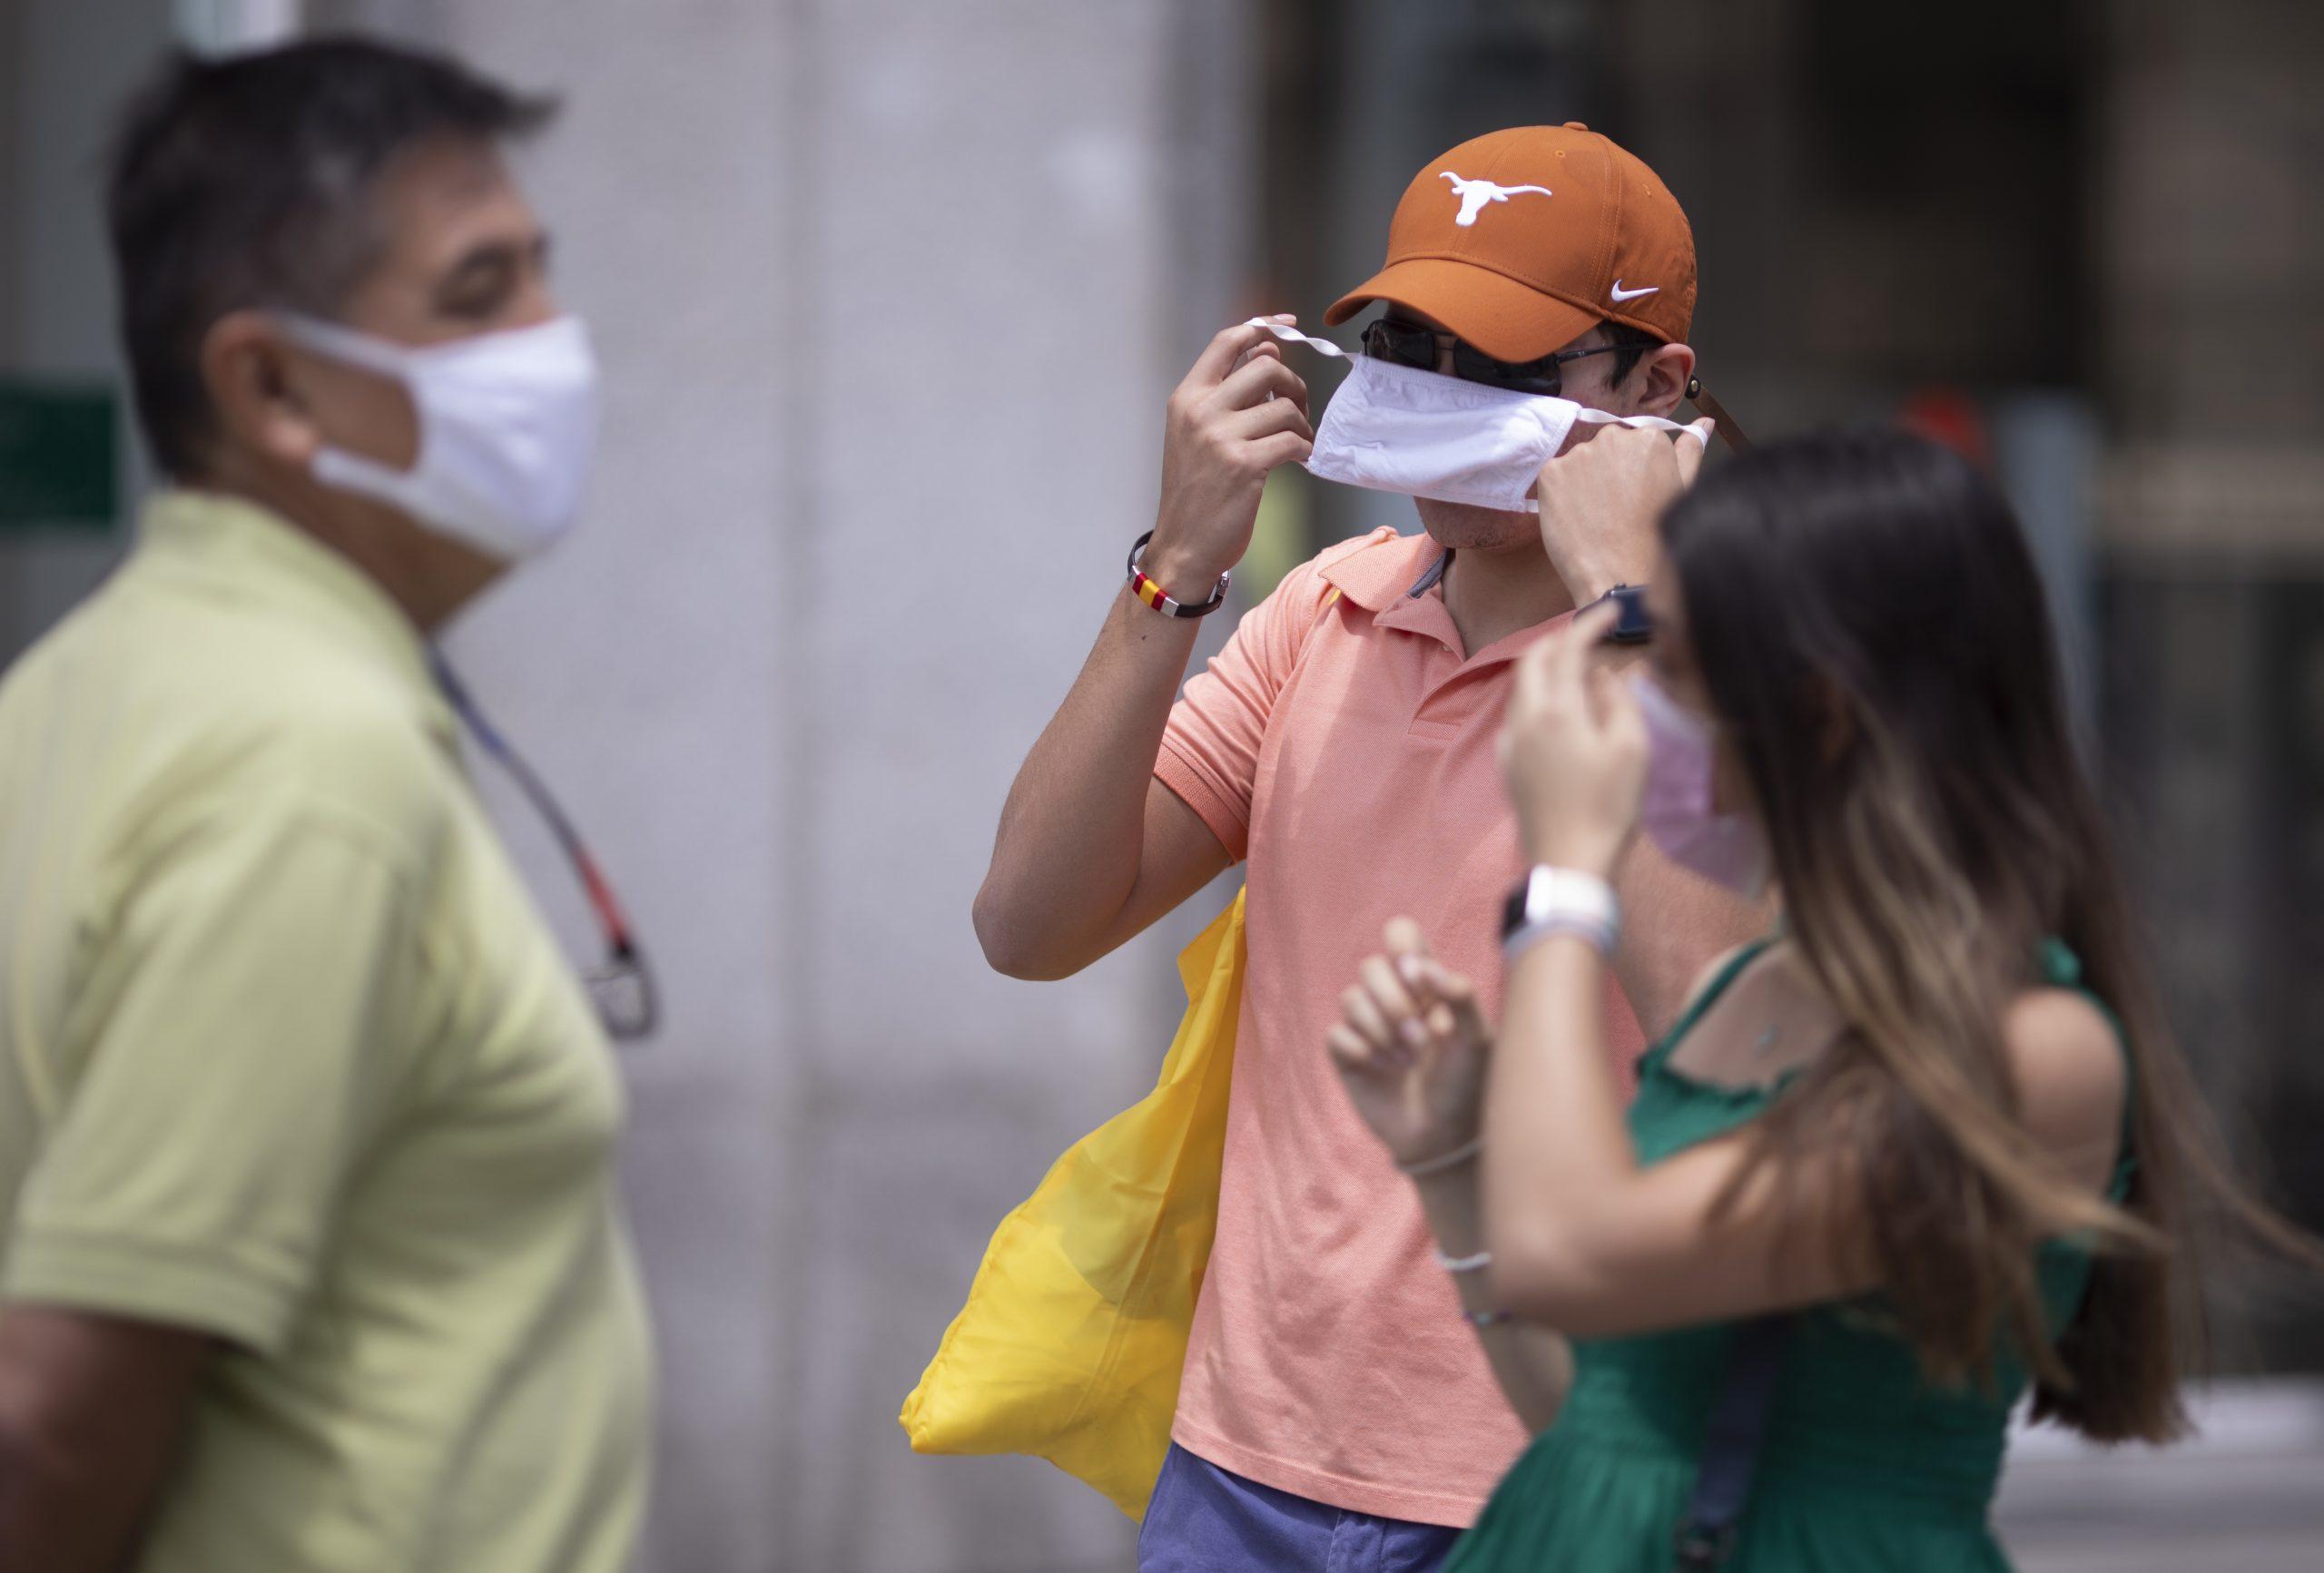 Un hombre se quita la mascarilla, en la Puerta del Sol, a 18 de junio de 2021, en Madrid (España). El presidente del Gobierno, Pedro Sánchez, ha anunciado que las mascarillas dejarán de ser obligatorias en los espacios al aire libre a partir del próximo sábado 26 de junio. El anuncio ha tenido lugar durante su intervención en la clausura de la Reunión del Círculo de Economía en Barcelona. La medida será aprobada el próximo jueves en un Consejo de Ministros. 18 JUNIO 2021;MASCARILLAS;PANDEMIA;CORONAVIRUS;AIRE LIBRE Eduardo Parra / Europa Press 18/6/2021